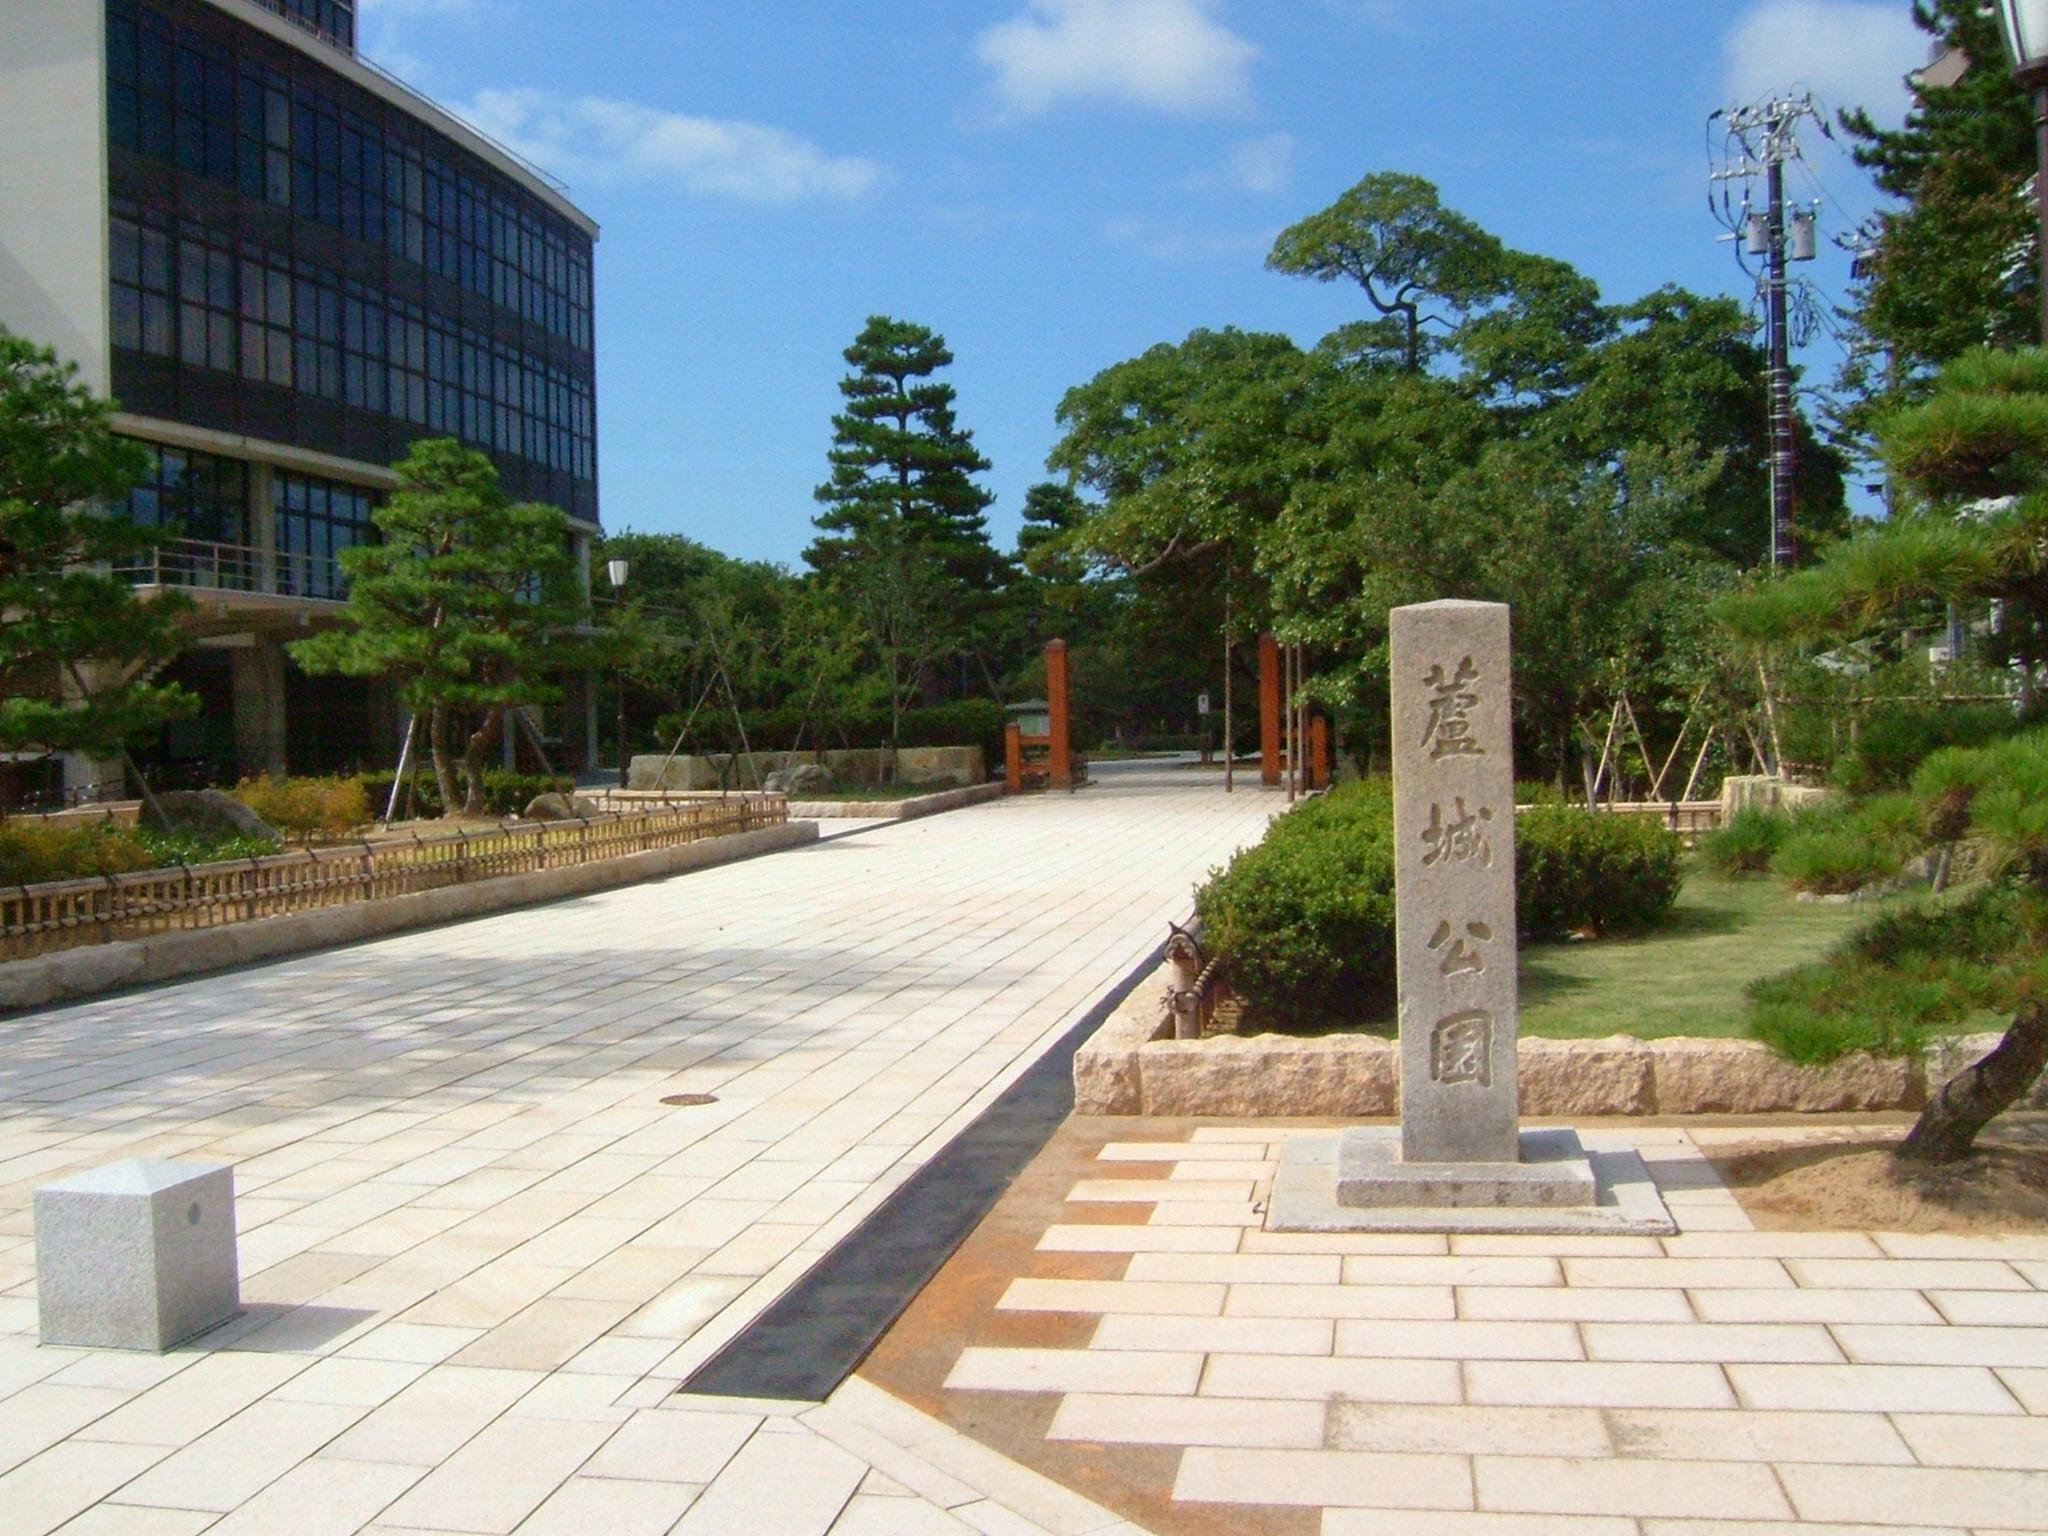 引用元 https://ja.wikipedia.org/wiki/芦城公園